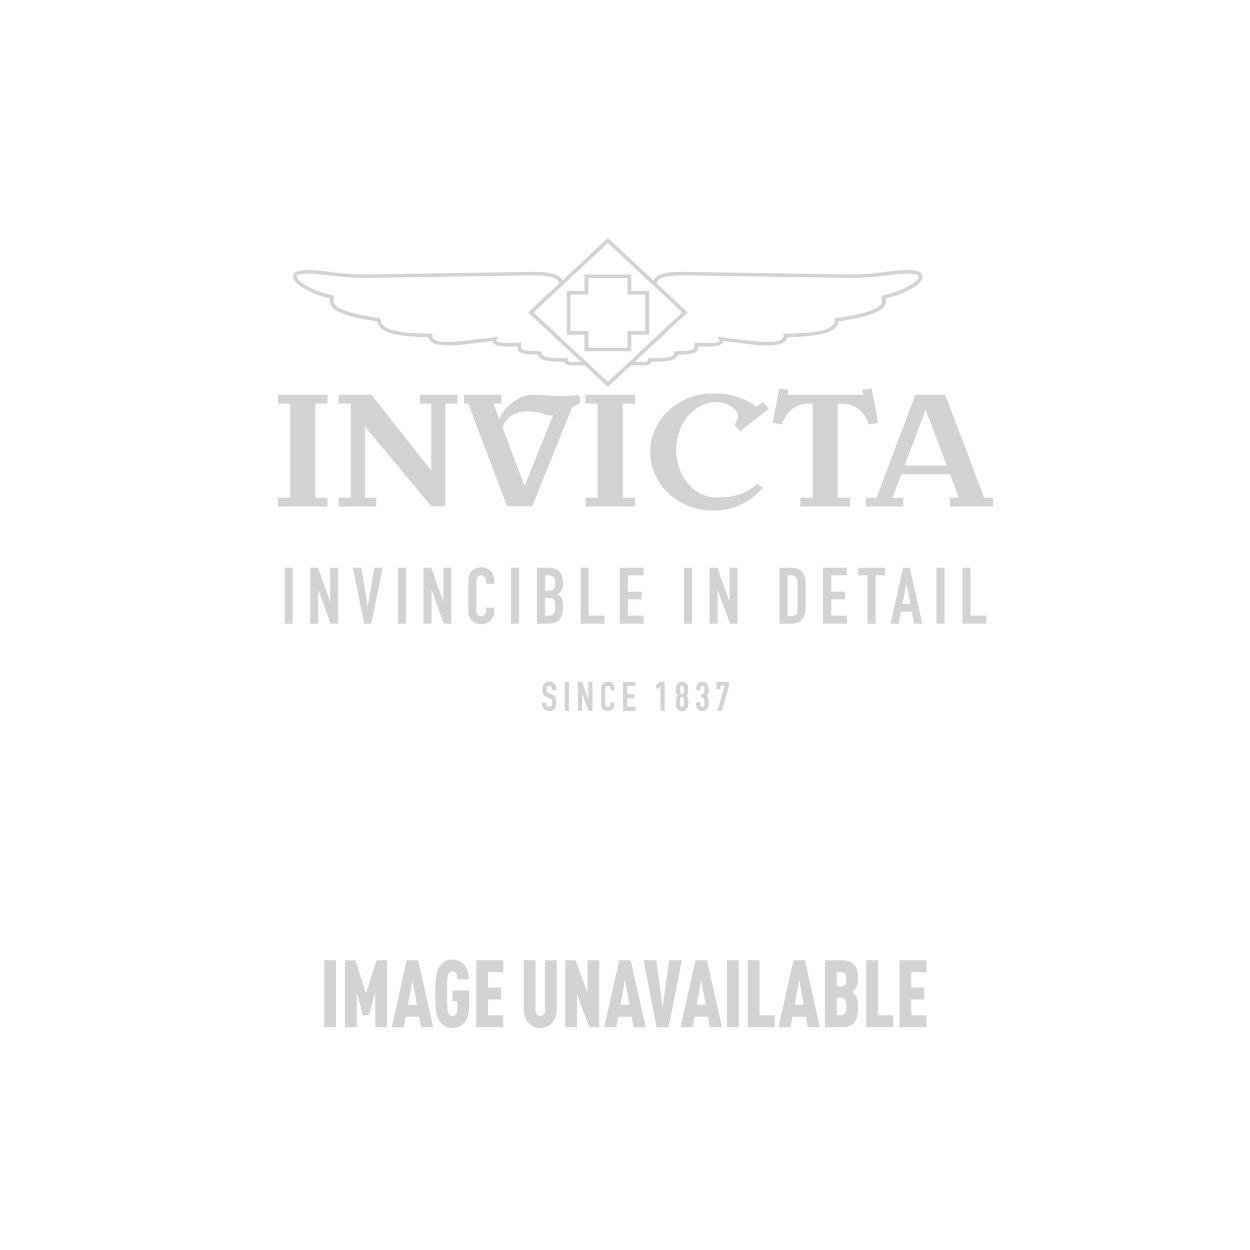 Invicta Model  22169